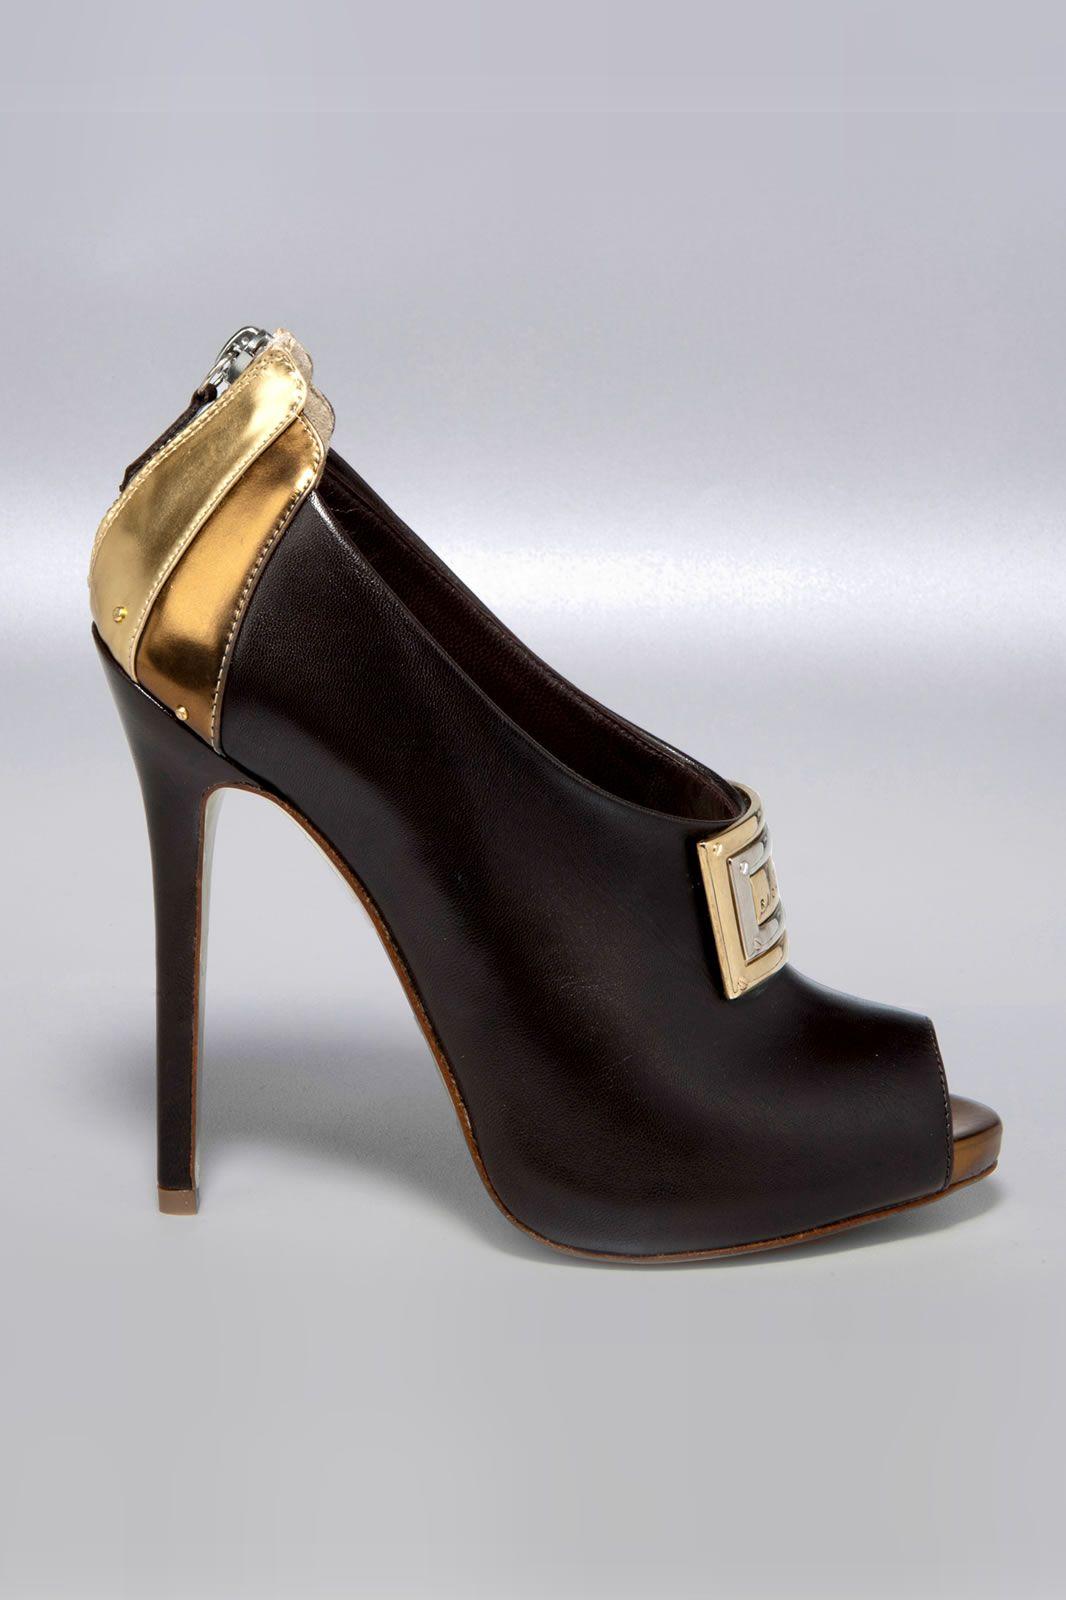 038bdc5499bb JohnRichmond.com - Women SS Black Label - Shoes - John Richmond ...